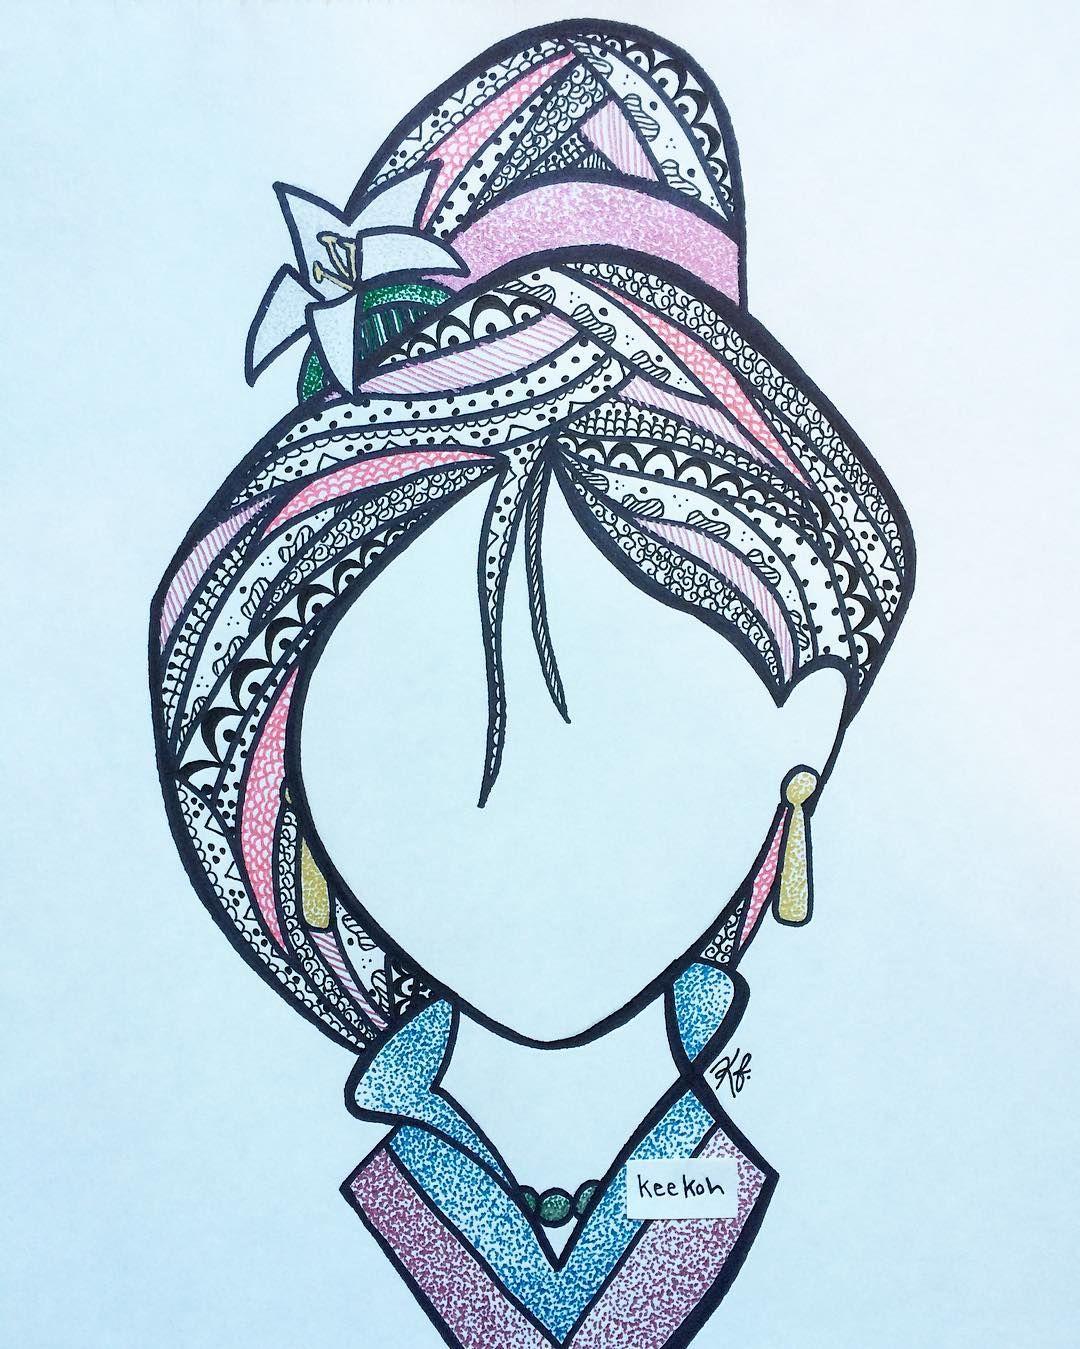 Mulan Drawing by KeeKoh Instagram Mulan Sec Mulan in